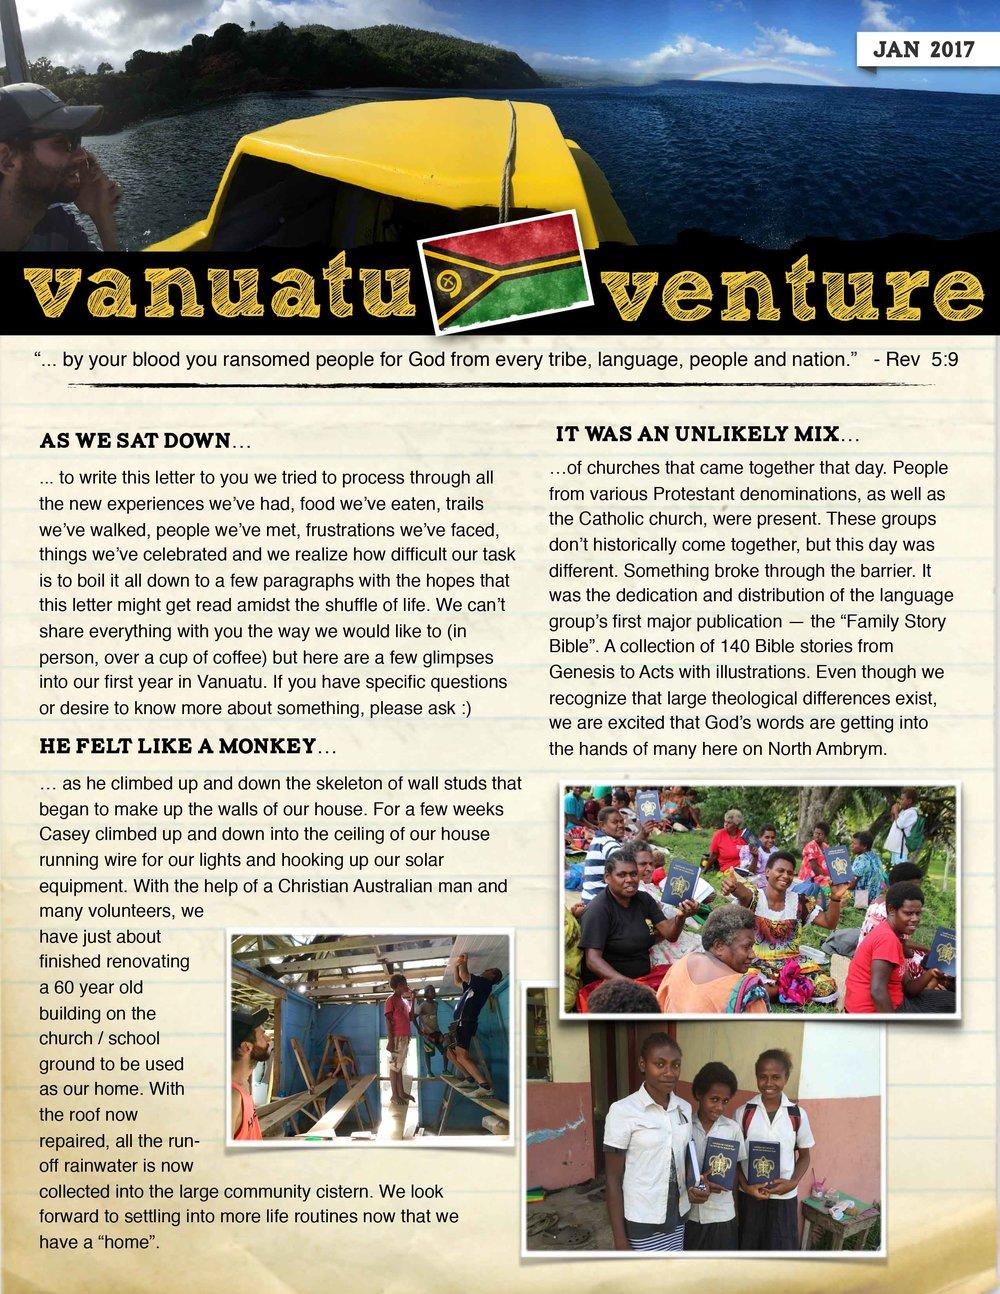 Vanuatu-Venture-Jan-2017-1.jpg